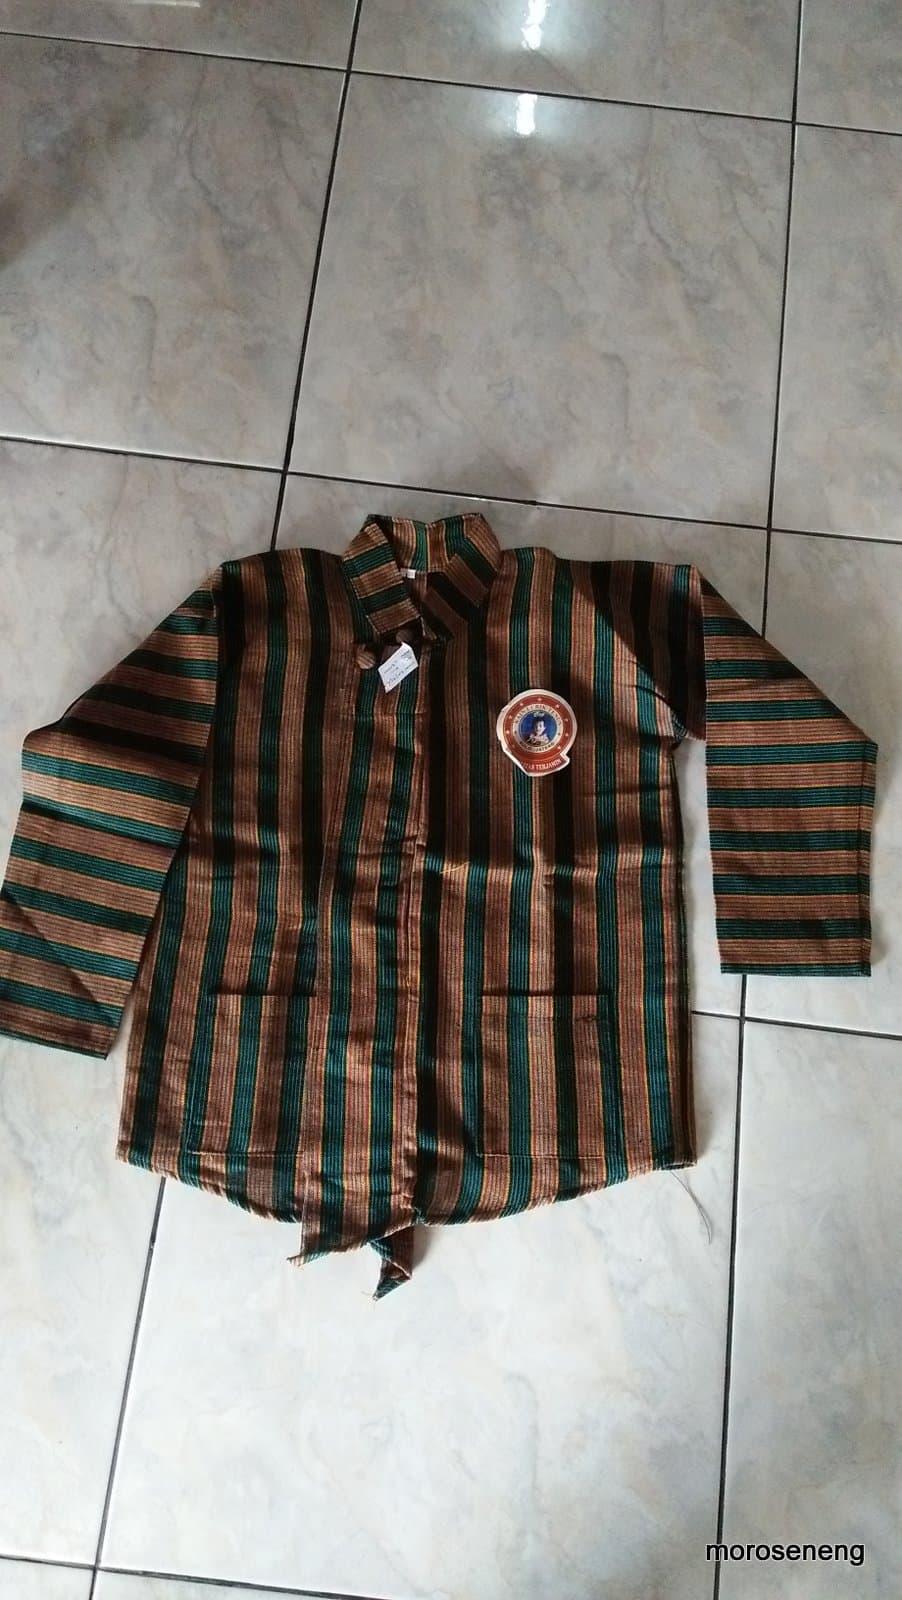 MURAH baju kemeja atasan lengan panjang tradisional jawa surjan lurik anak